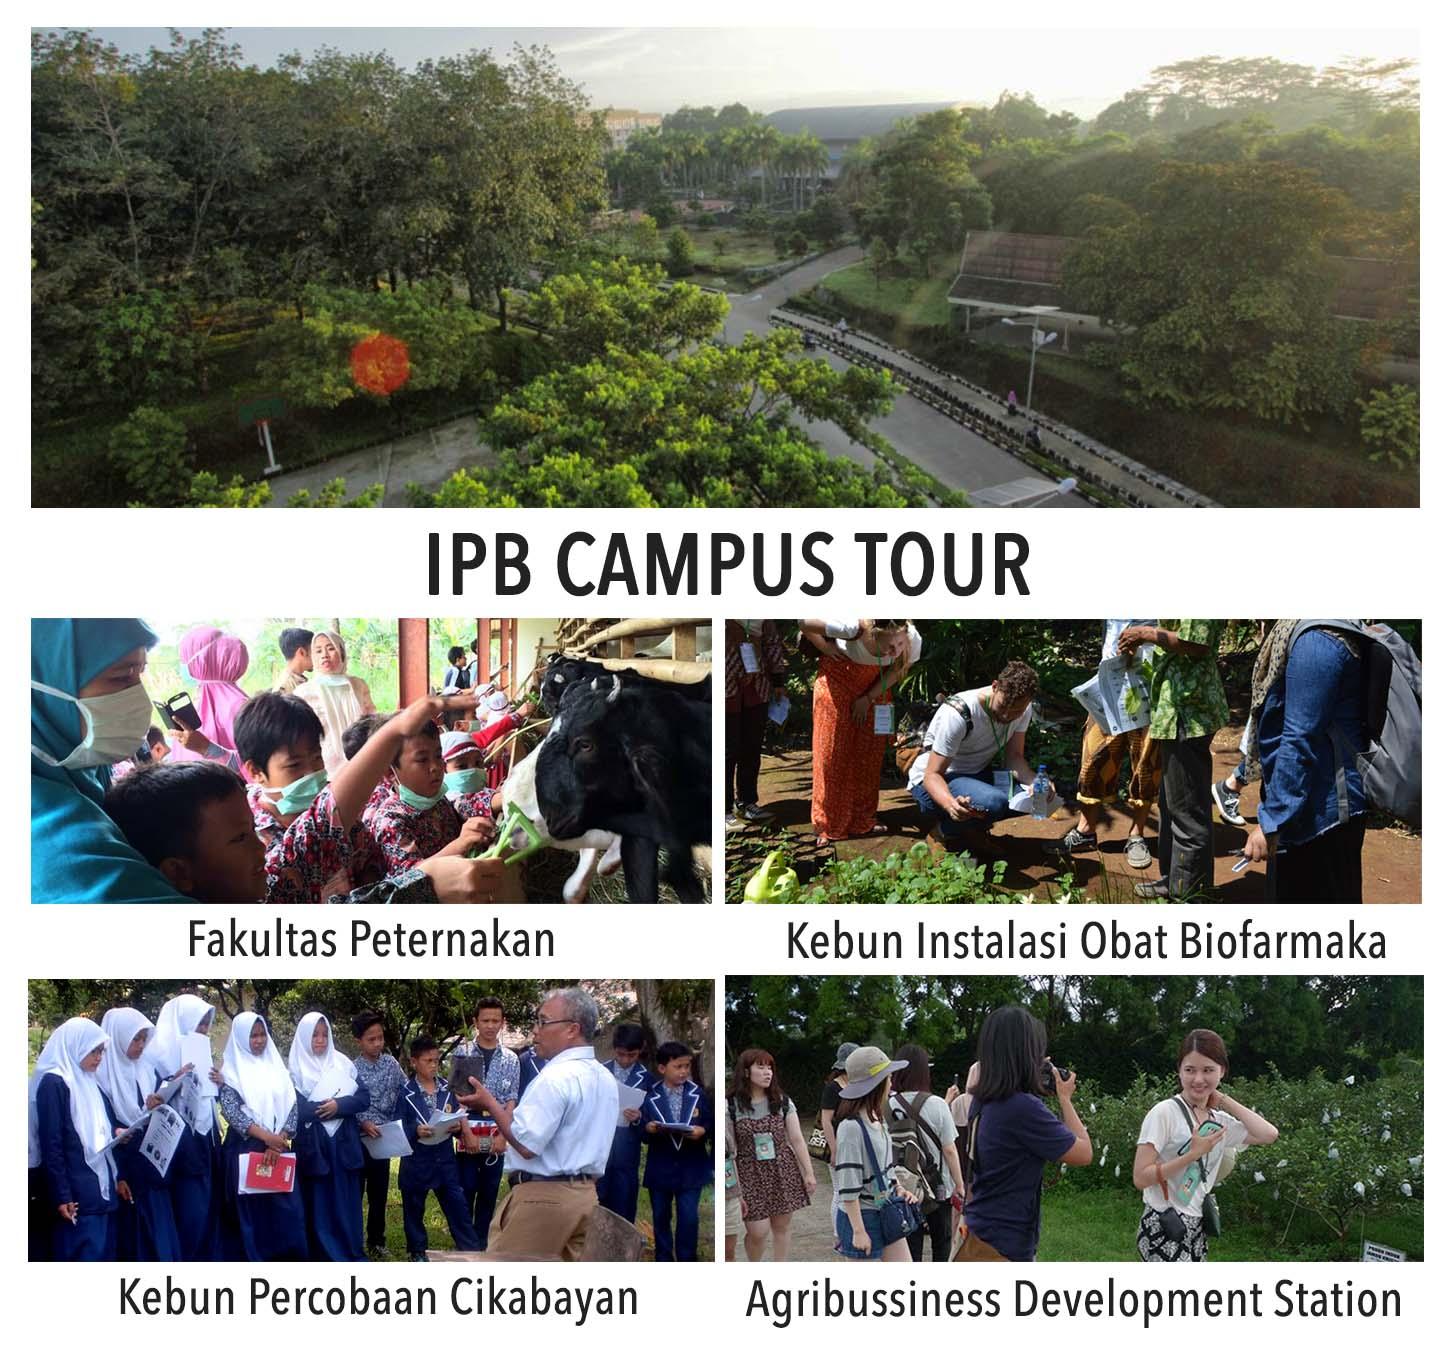 IPB Campus Tour